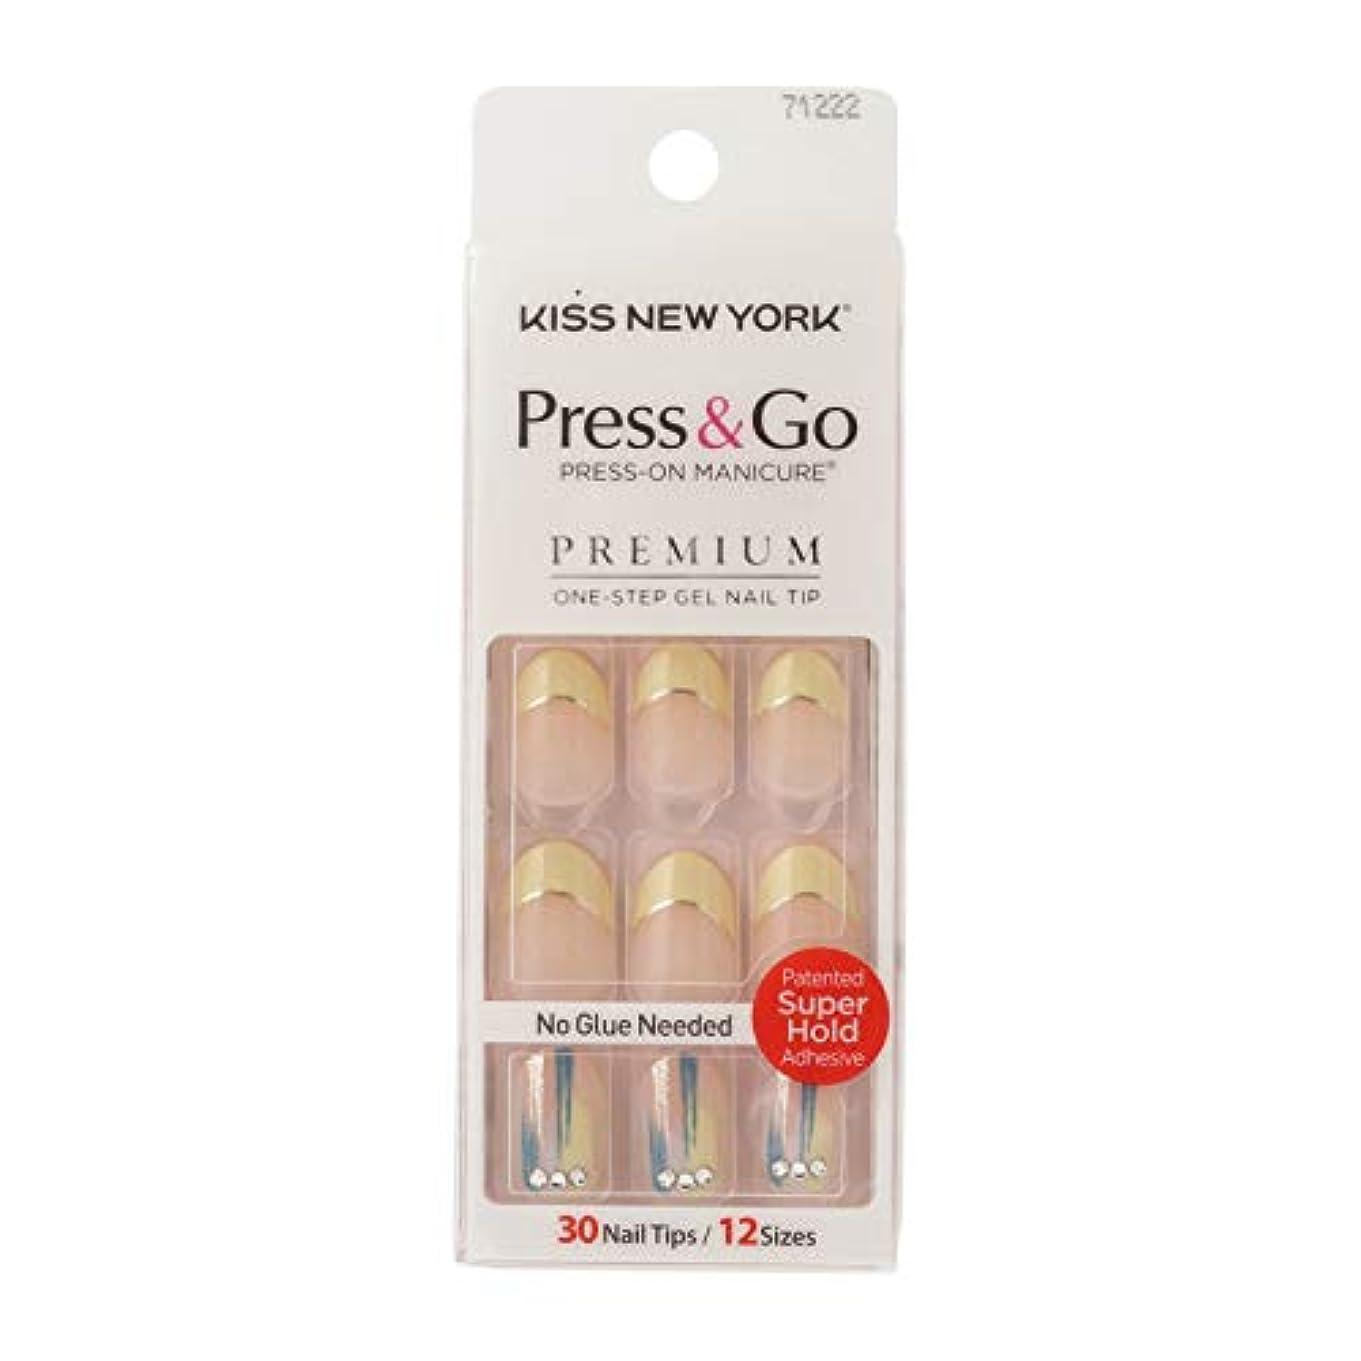 アイザック陽気な適切にキスニューヨーク (KISS NEW YORK) KISS NEWYORK ネイルチップPress&Go BHJ32J 19g